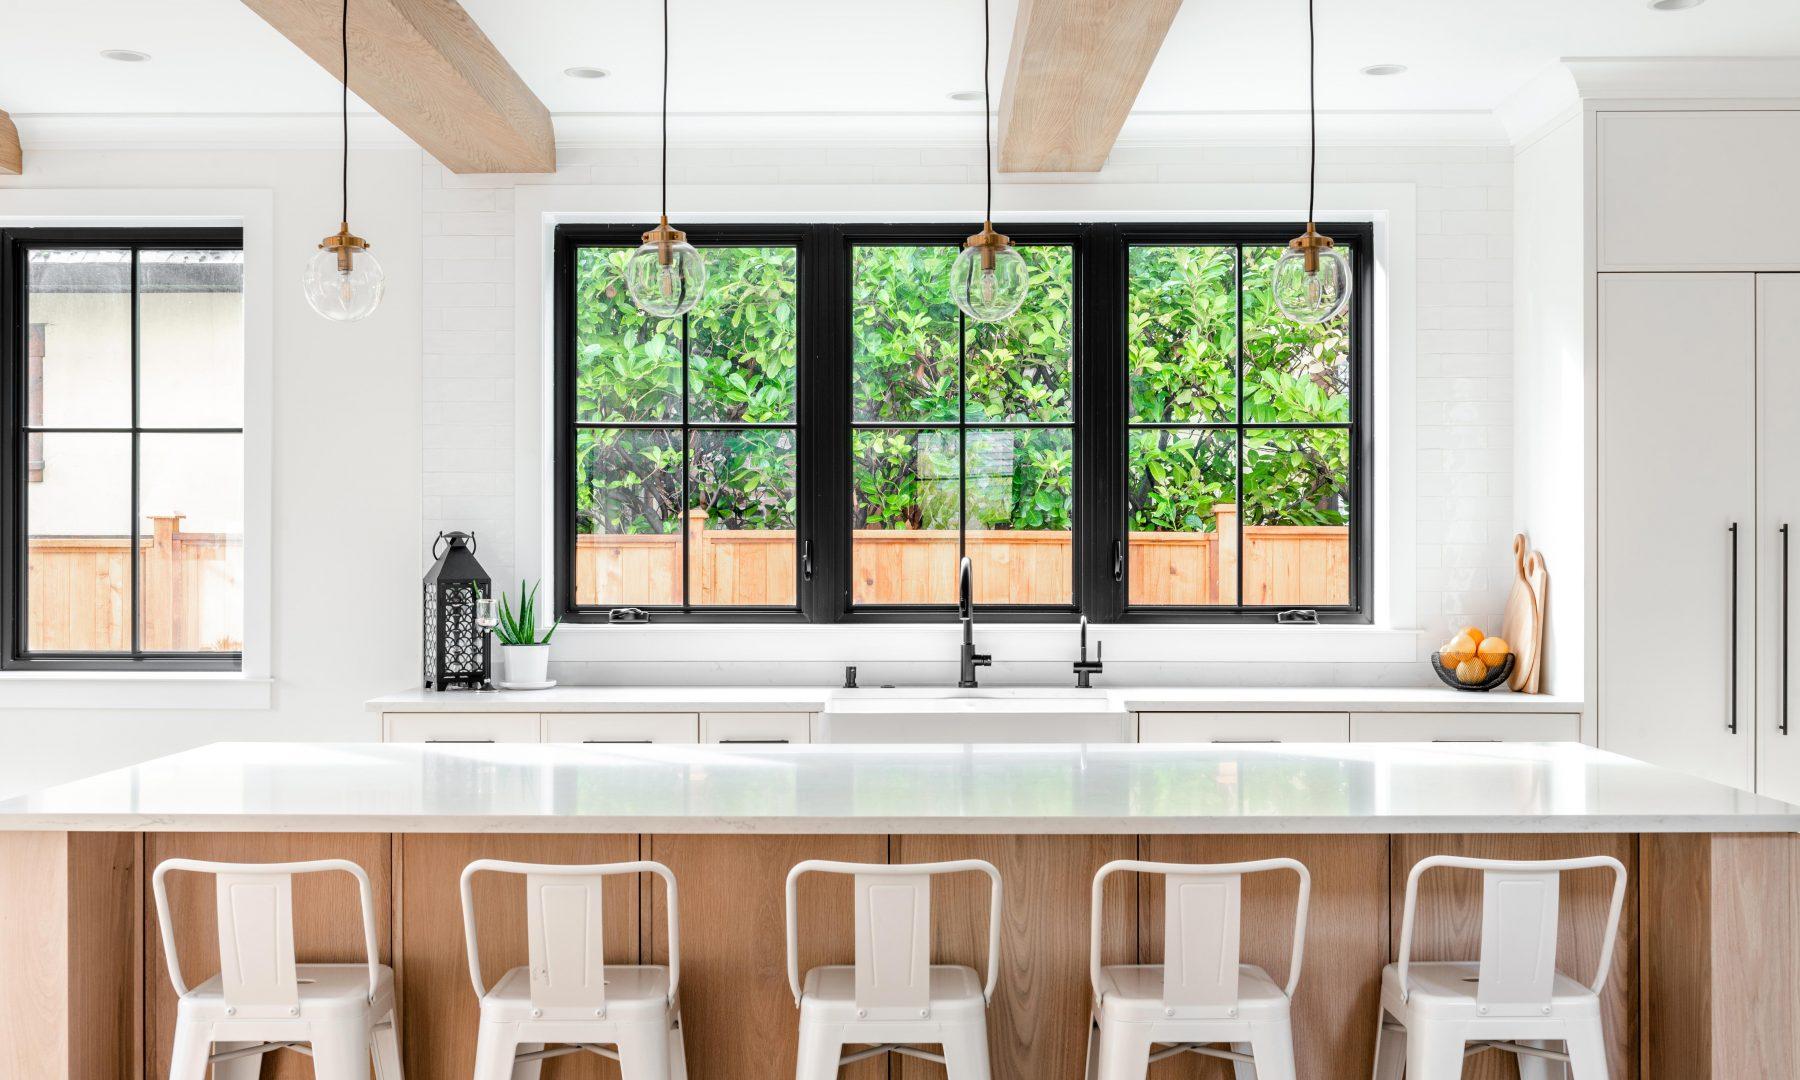 Cabico Custom Cabinets - Projet cuisine Oak Bay Village - vue de l'îlot